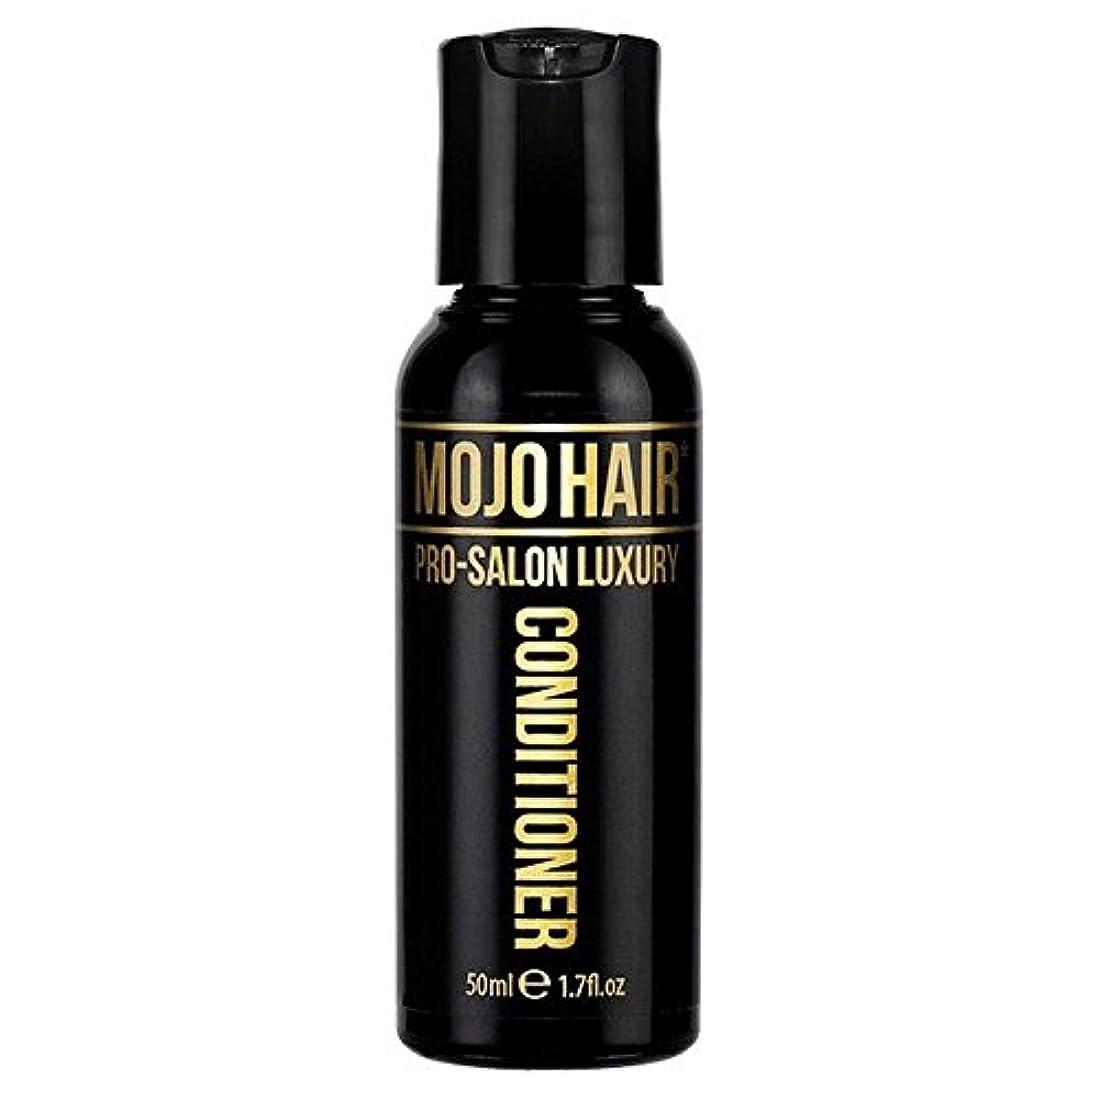 胚アソシエイト事業内容MOJO HAIR Pro-Salon Luxury Fragrance Conditioner for Men, Travel Size 50ml - 男性のためのモジョの毛プロのサロンの贅沢な香りコンディショナー、トラベルサイズ...